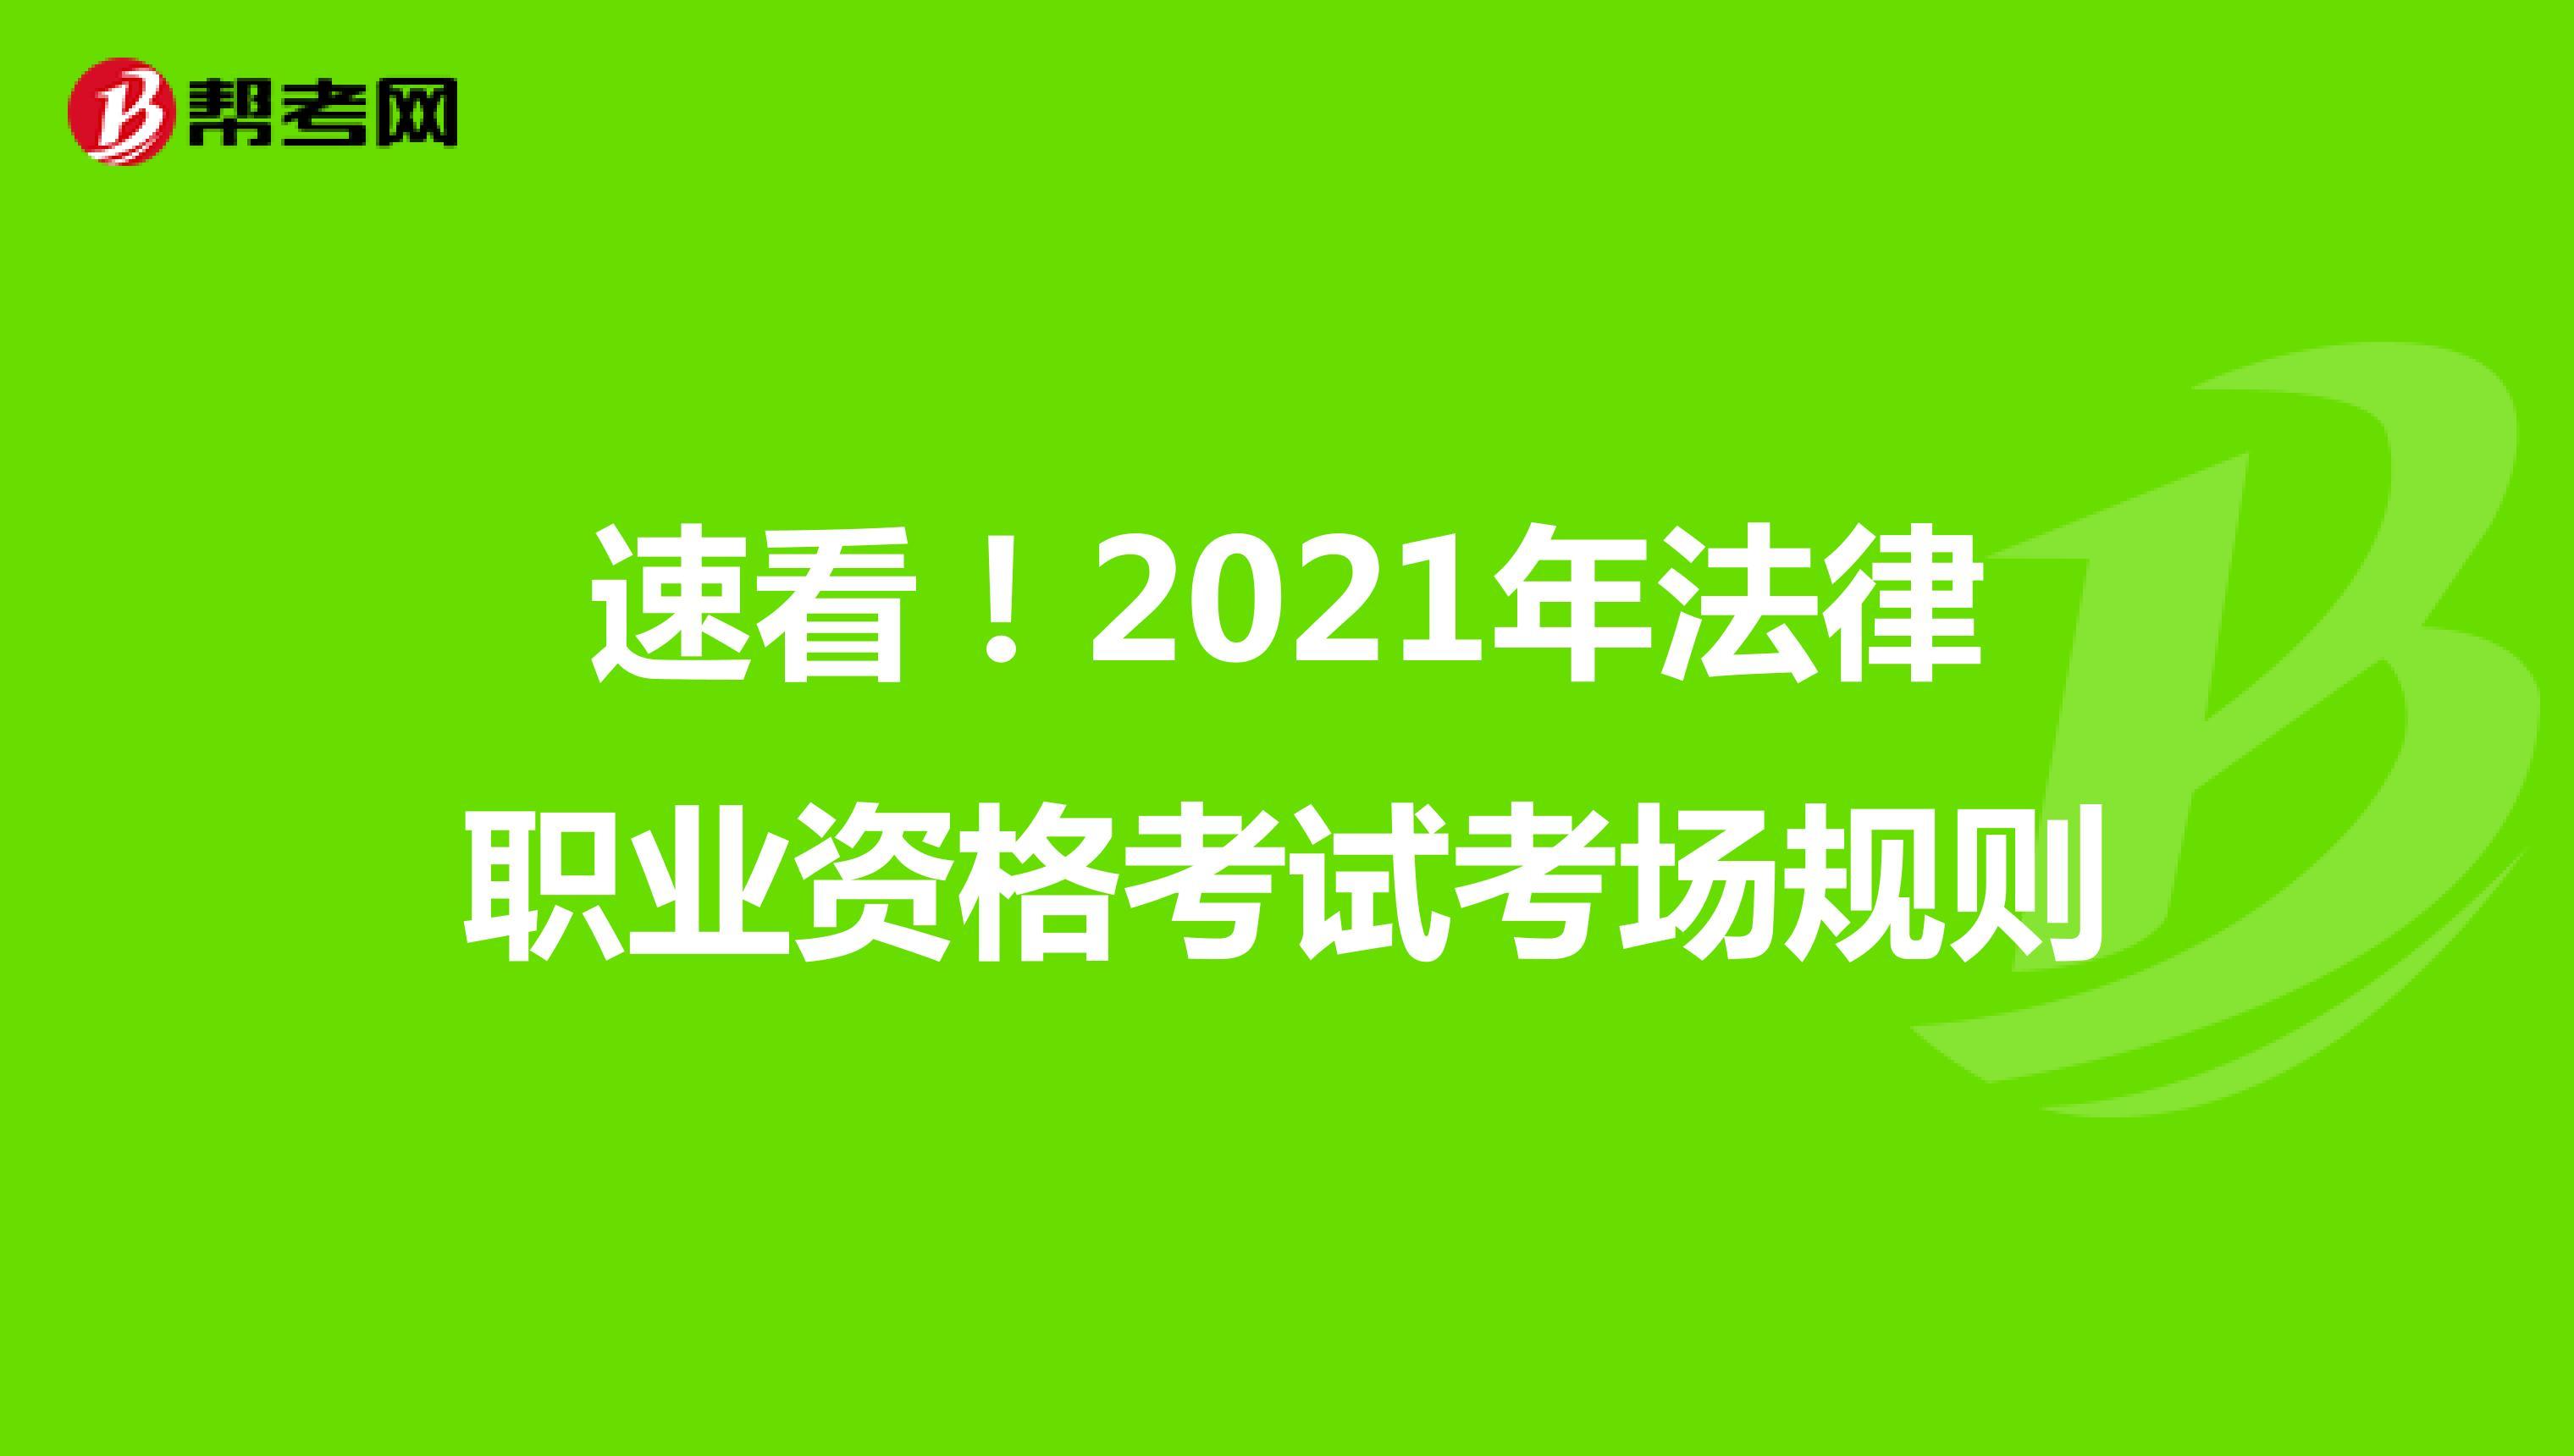 速看!2021年法律职业资格考试考场规则